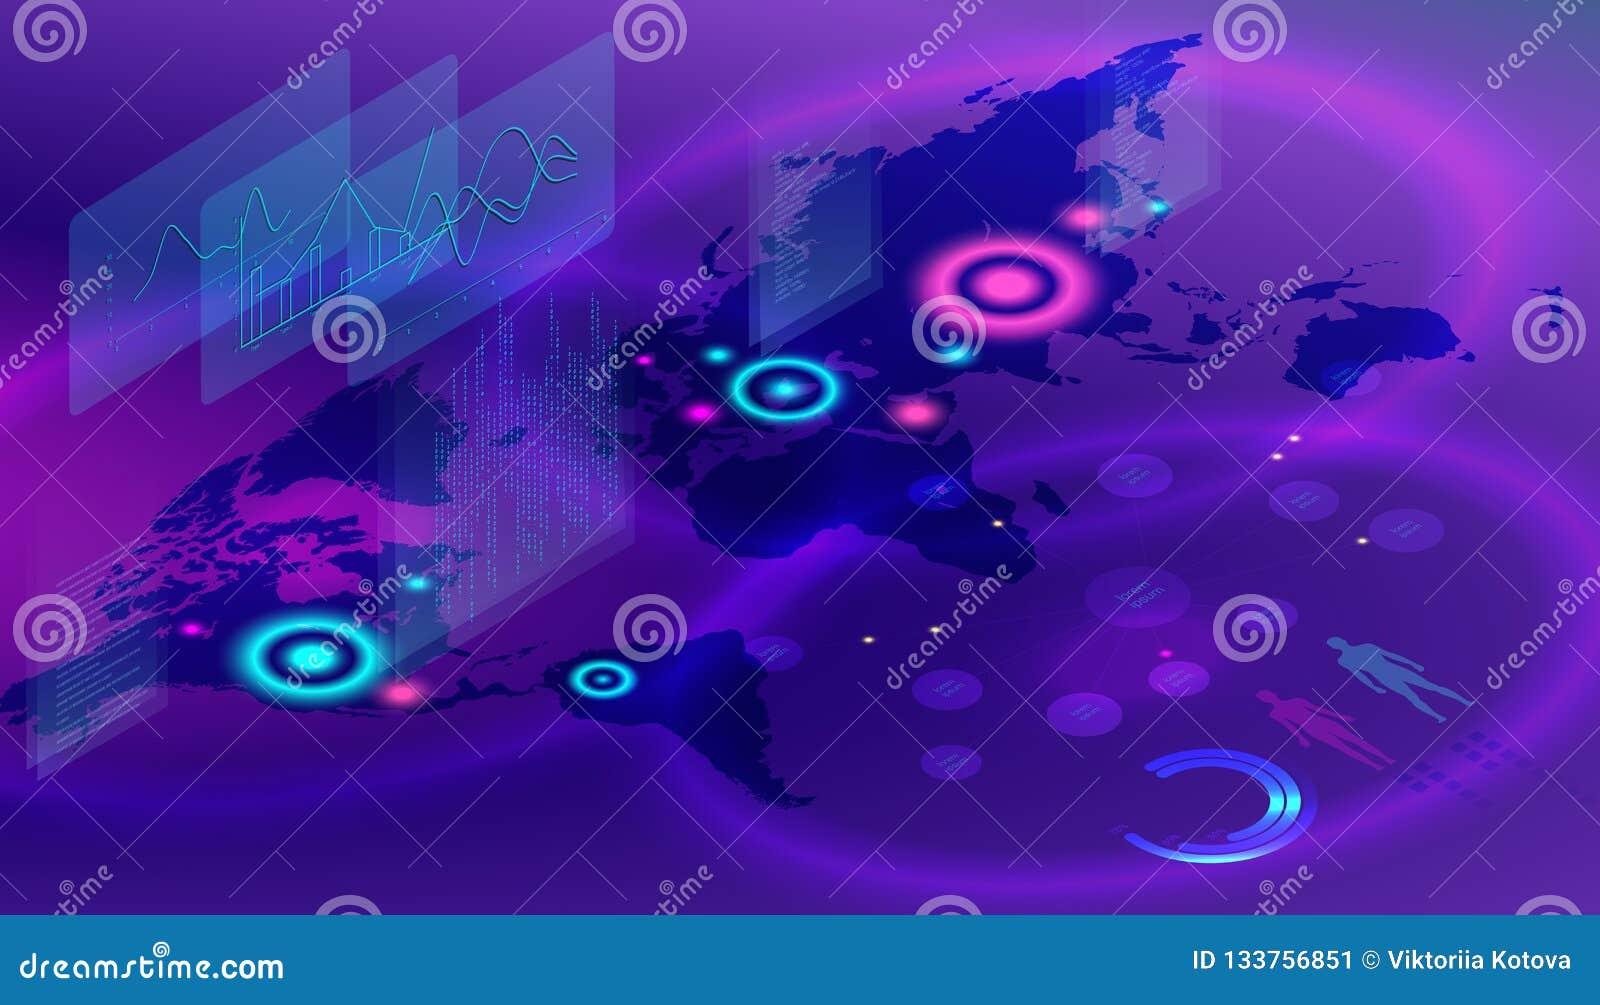 Mapa do mundo digital isométrico Conceito da população excedente ilustração do vetor do mapa global no estilo isométrico no fundo